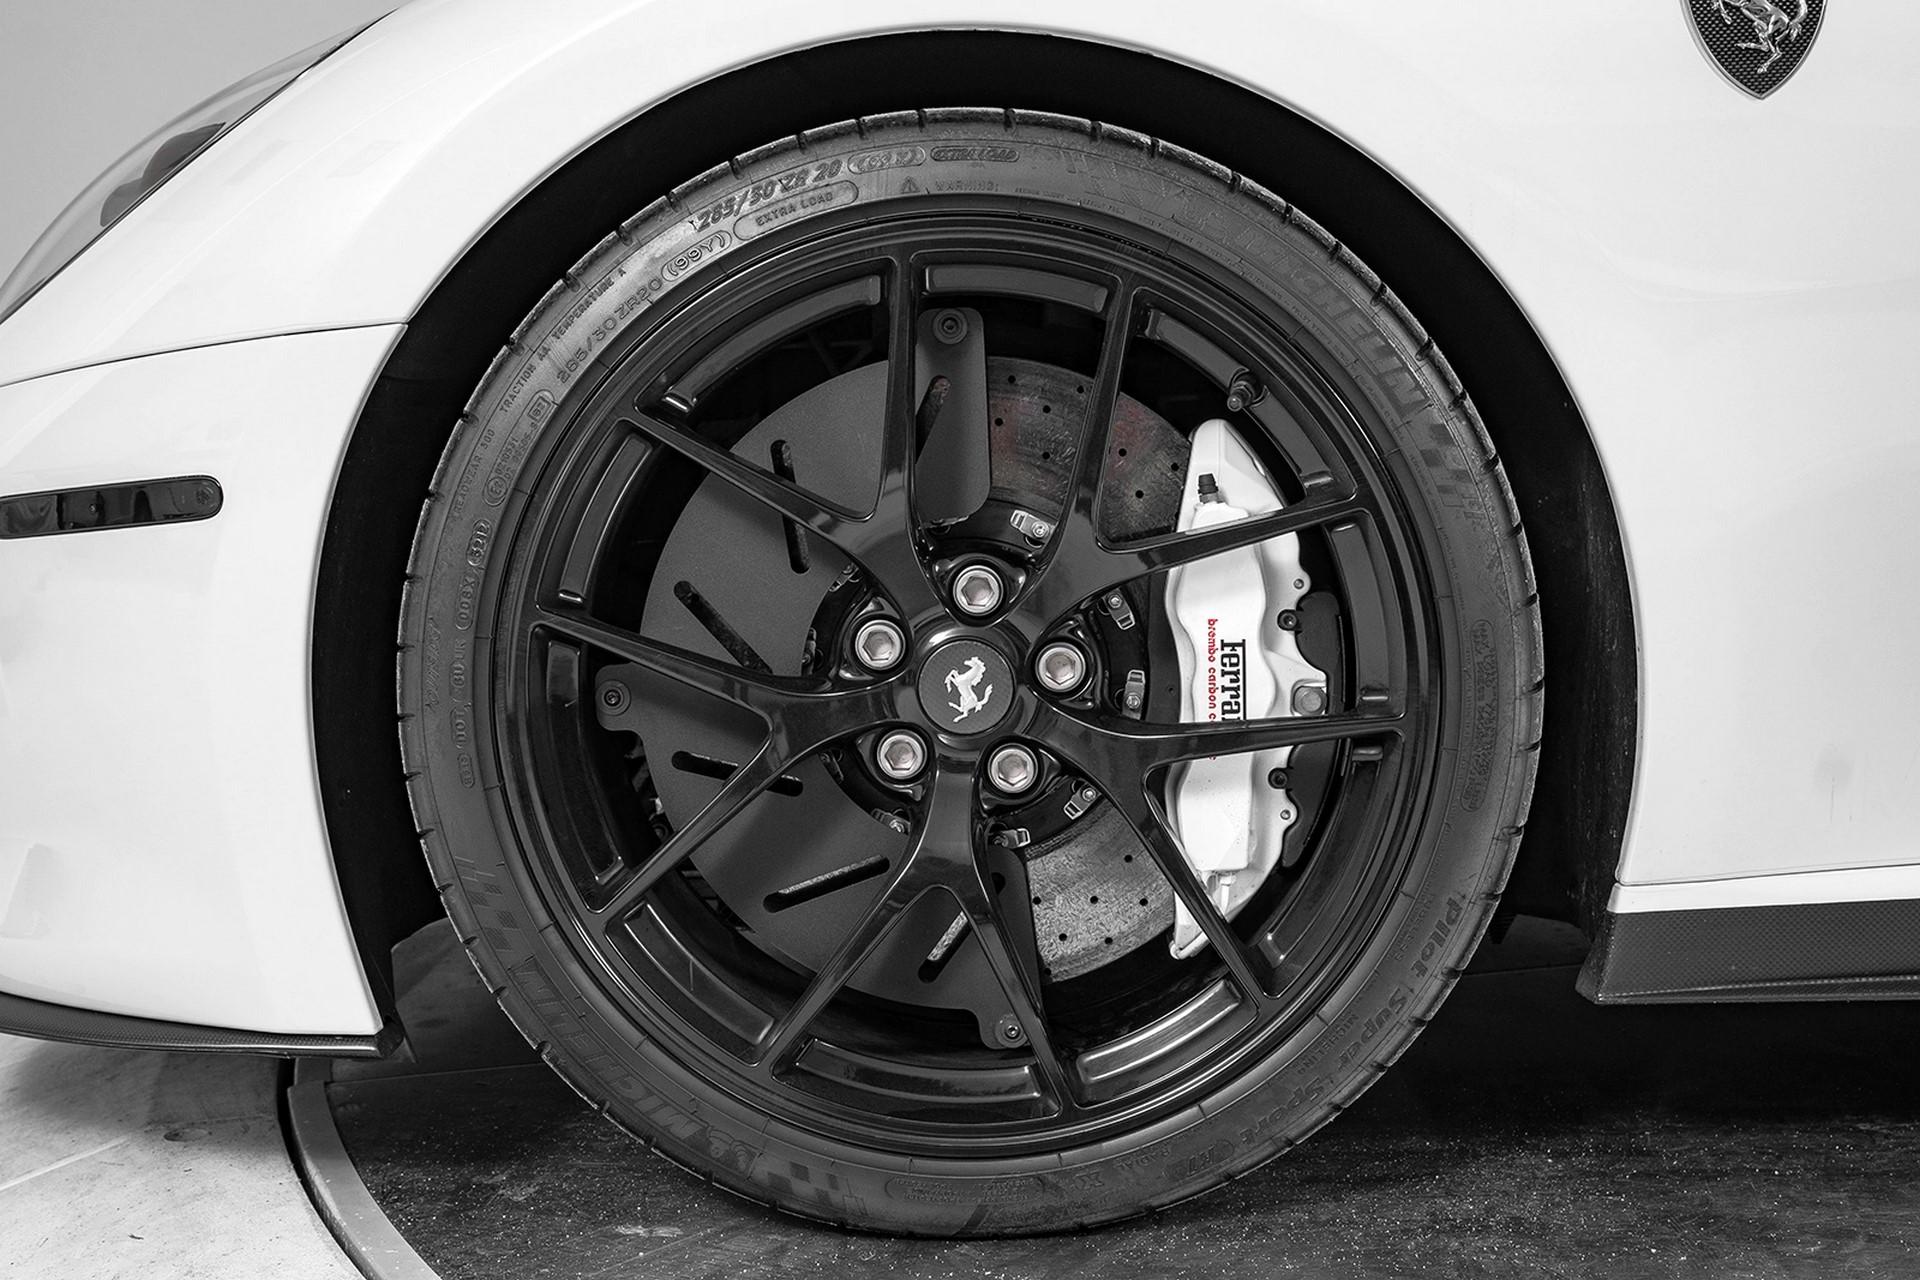 Ferrari 599 GTO with xx aero parts (21)